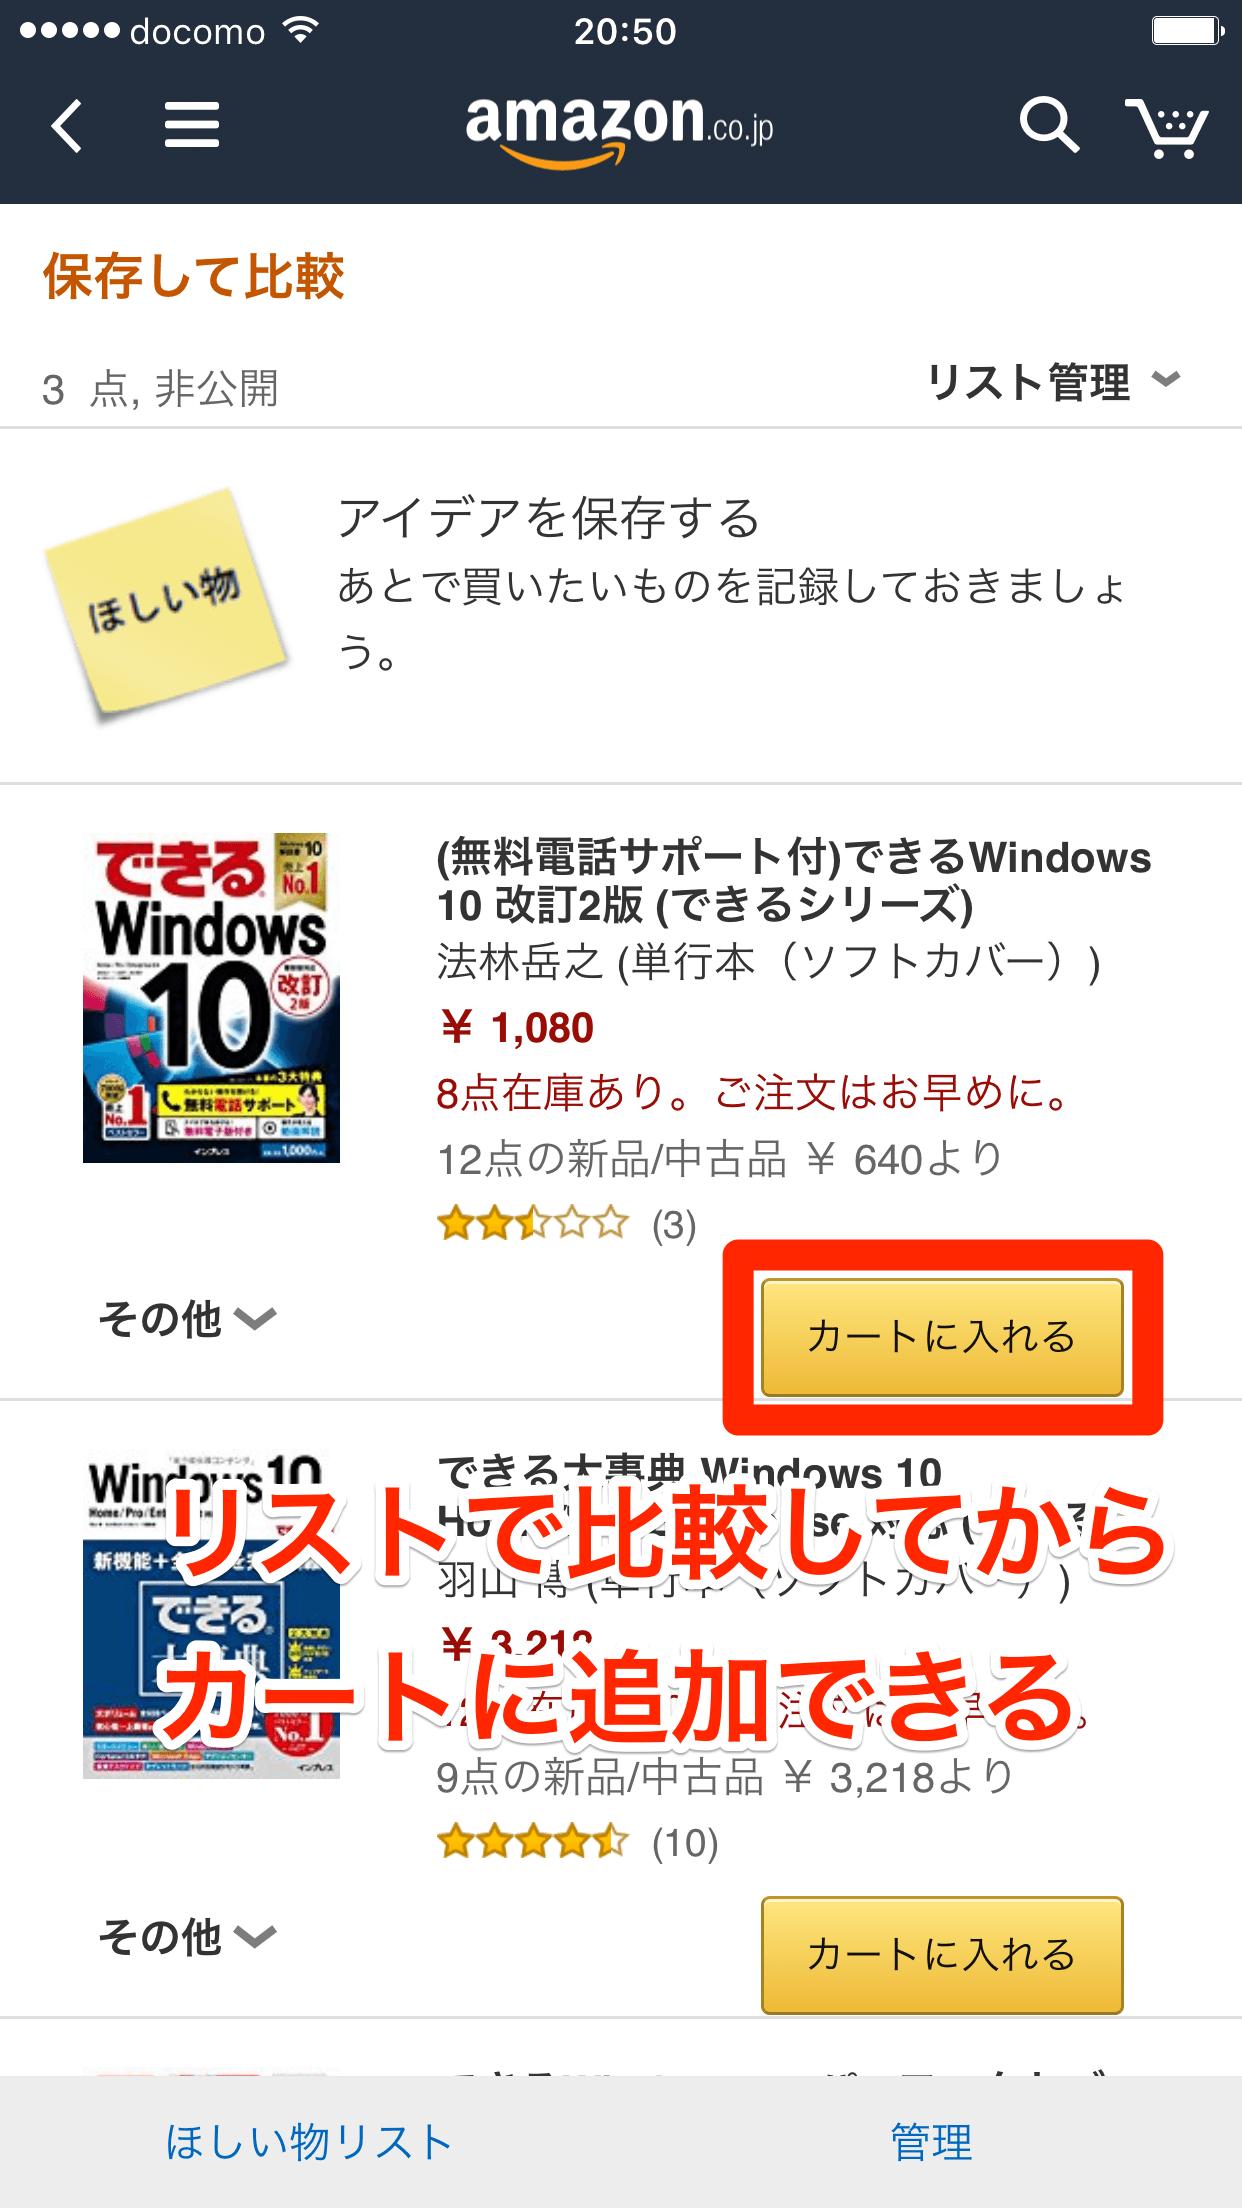 Amazonアプリでリストを作成